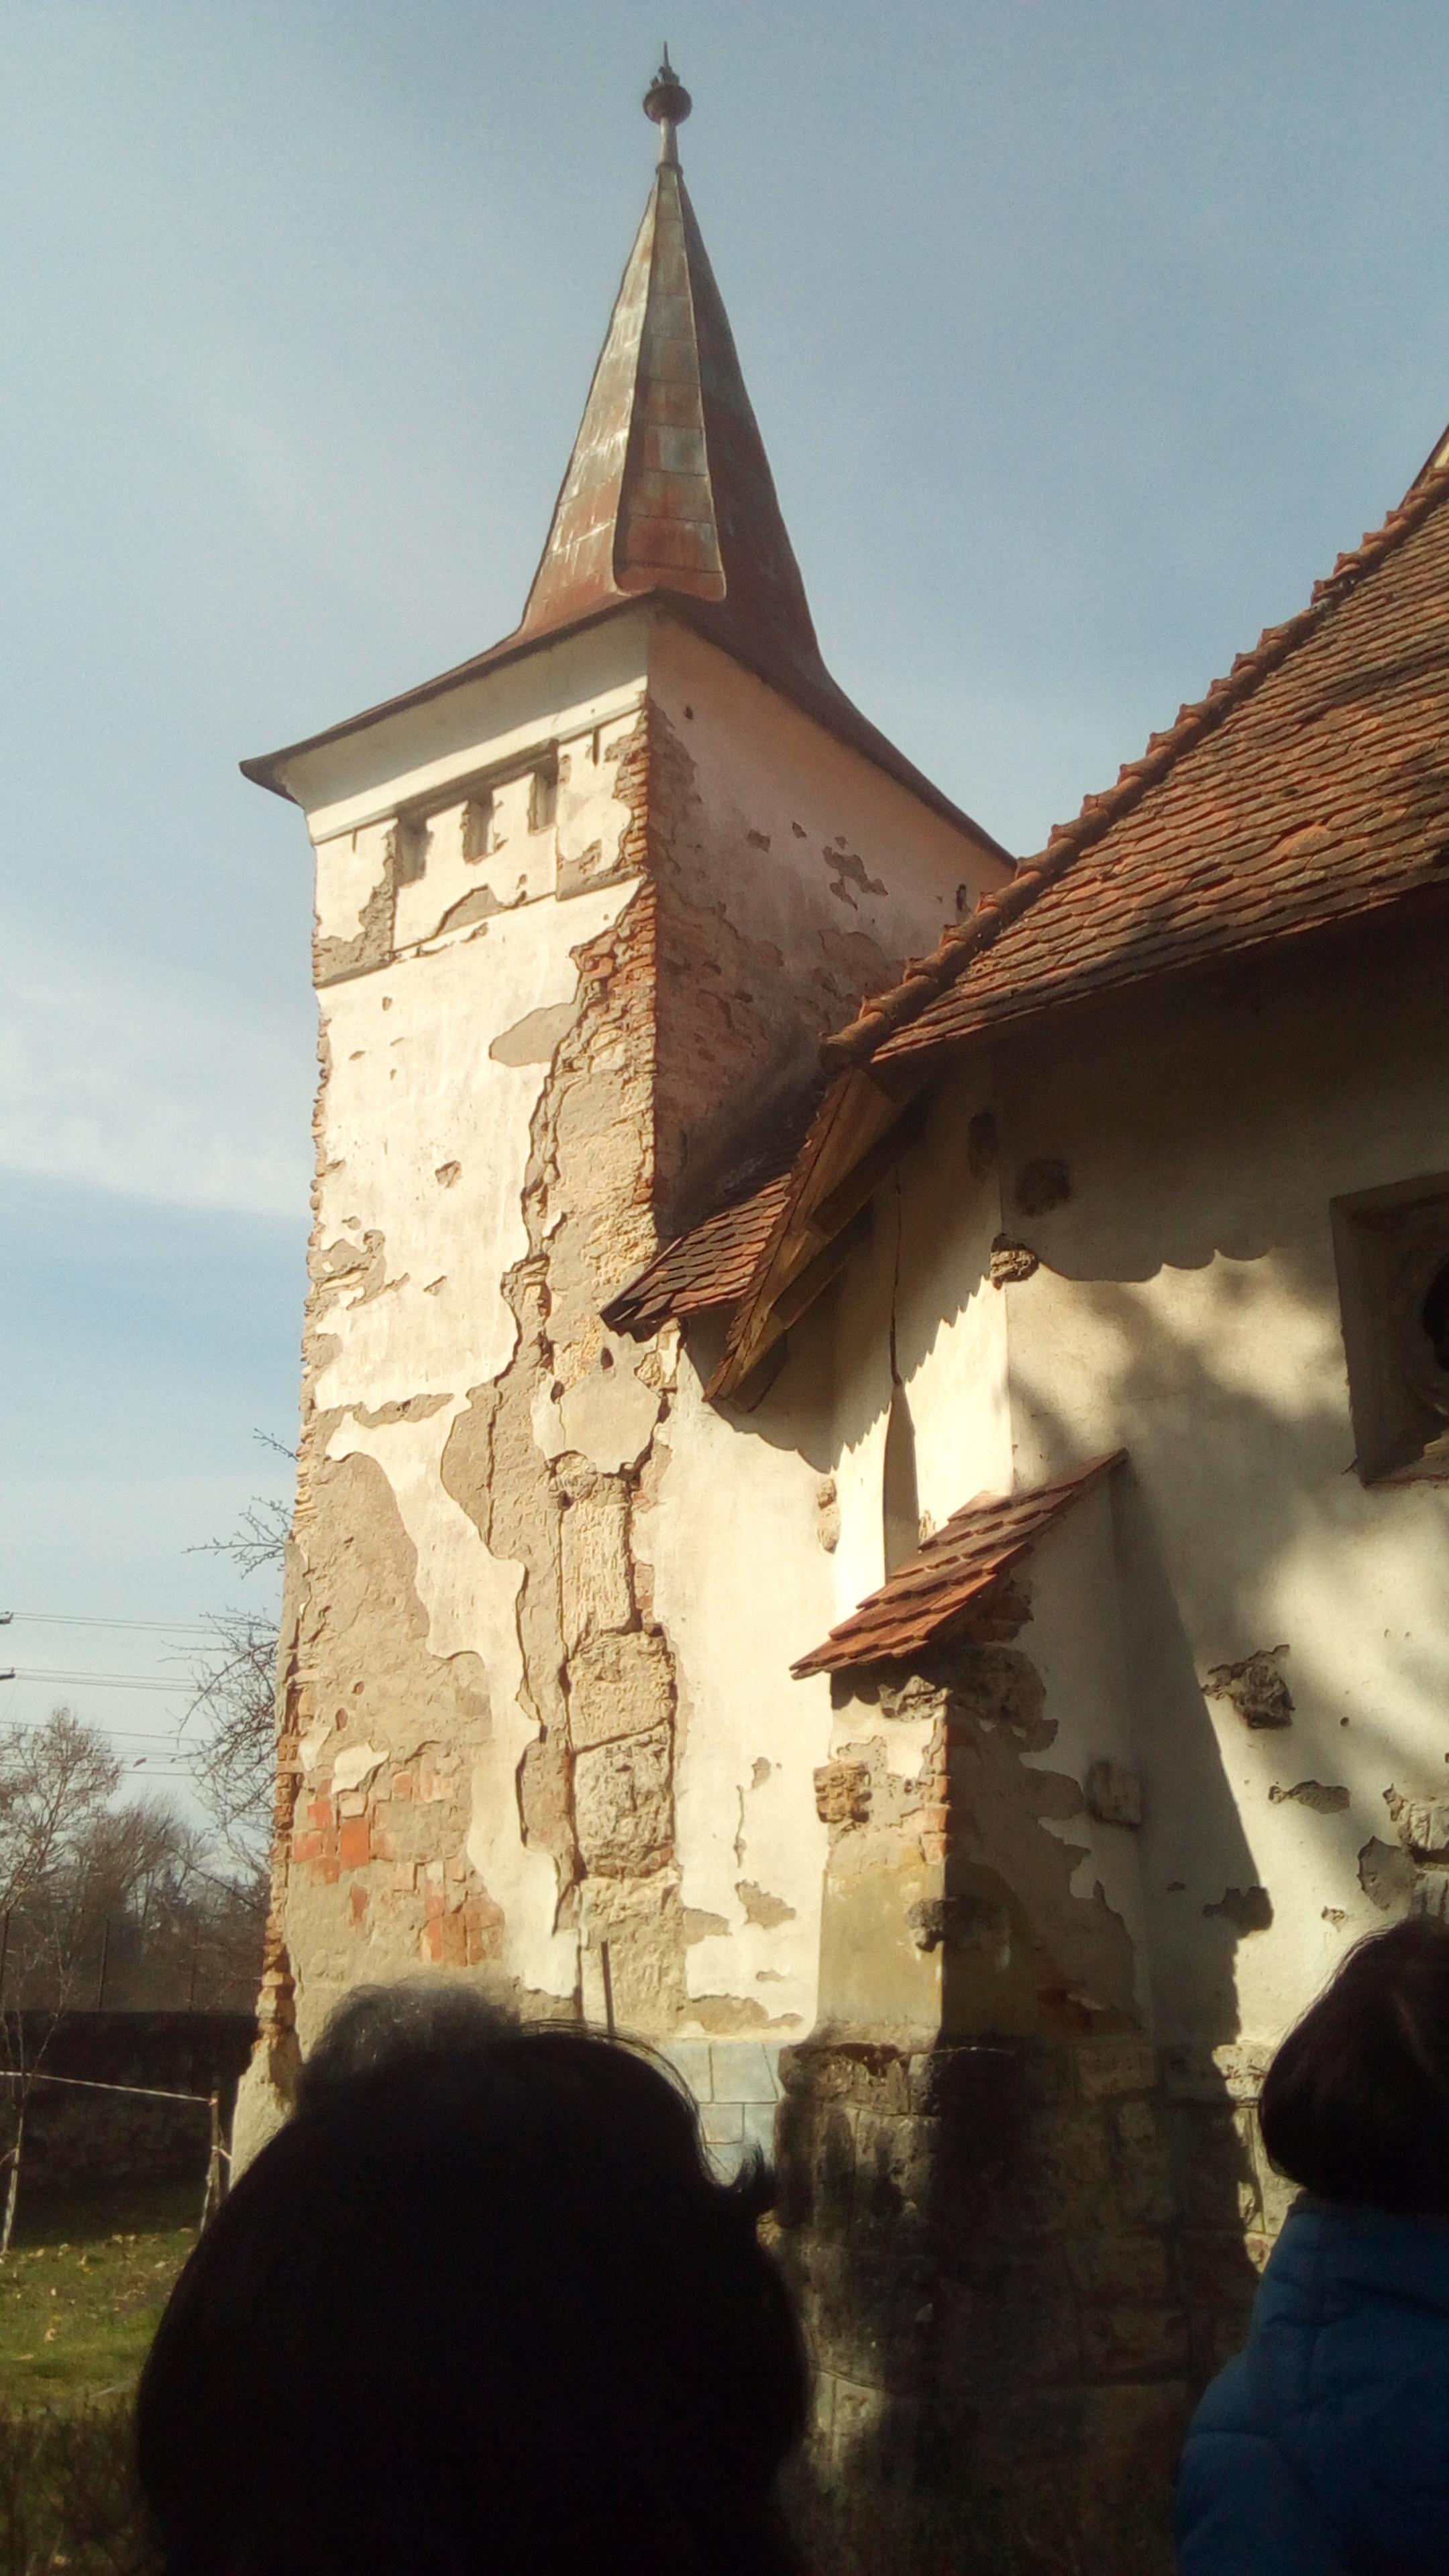 Cea mai veche biserică din România actuală. Datează din vremea năvălirii mongole